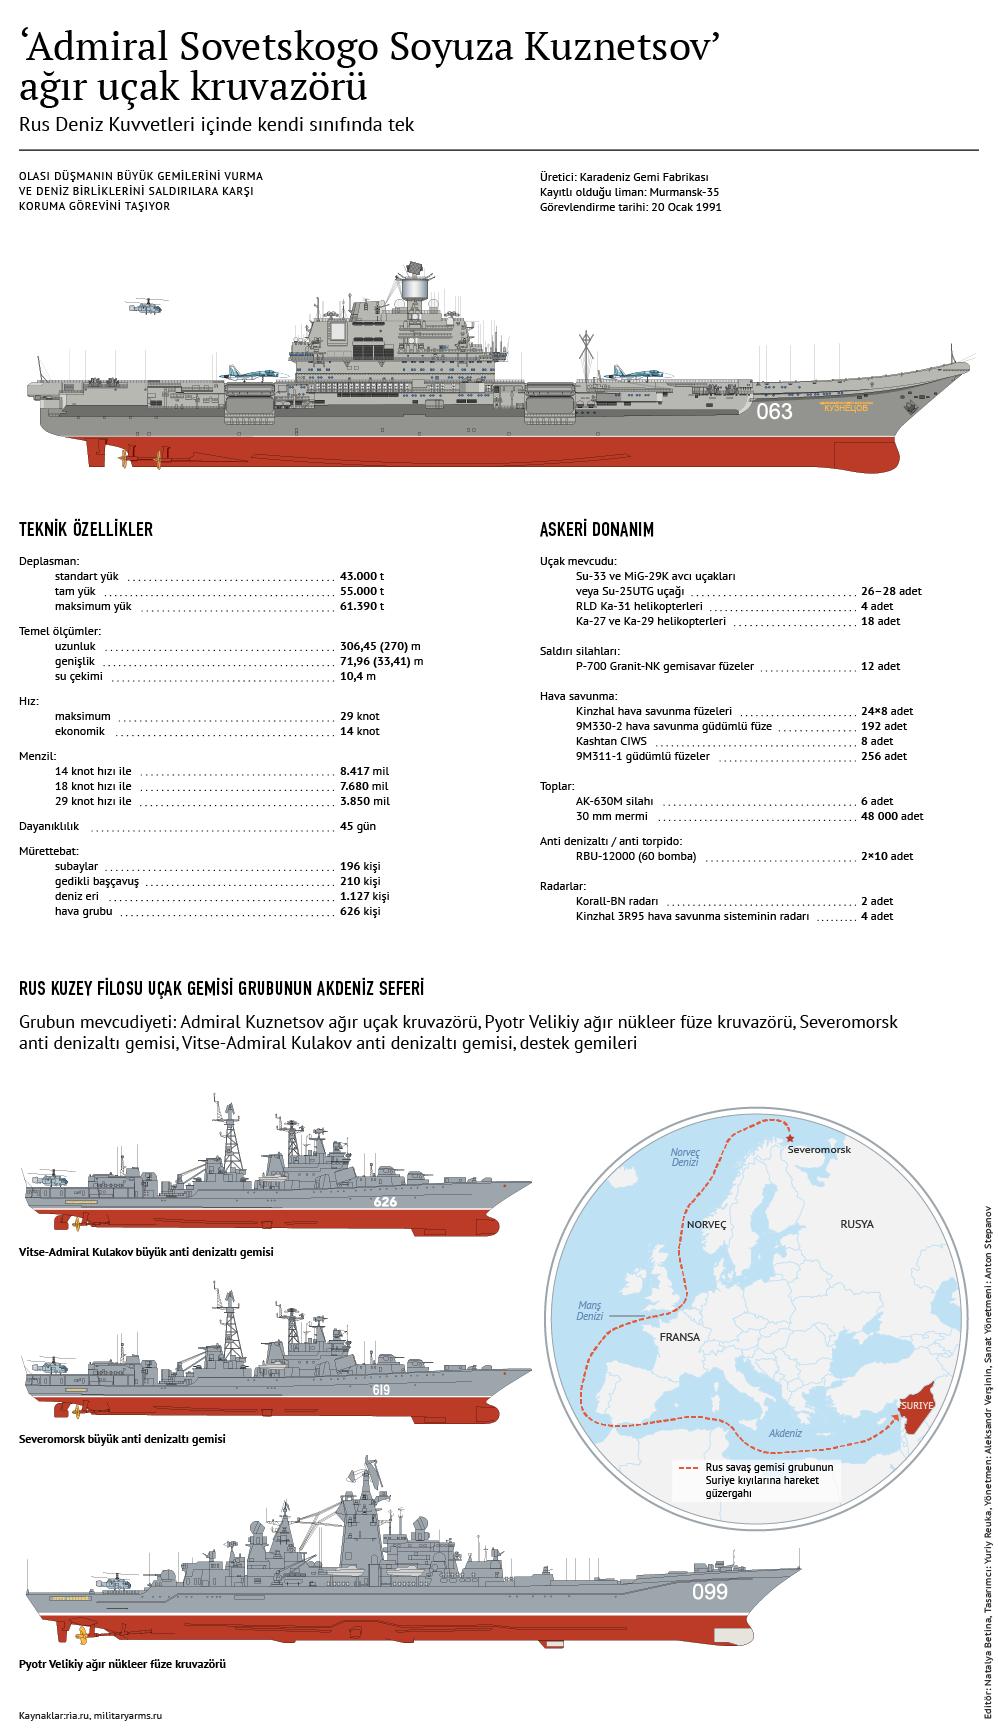 'Admiral Sovetskogo Soyuza Kuznetsov' ağır uçak kruvazörü